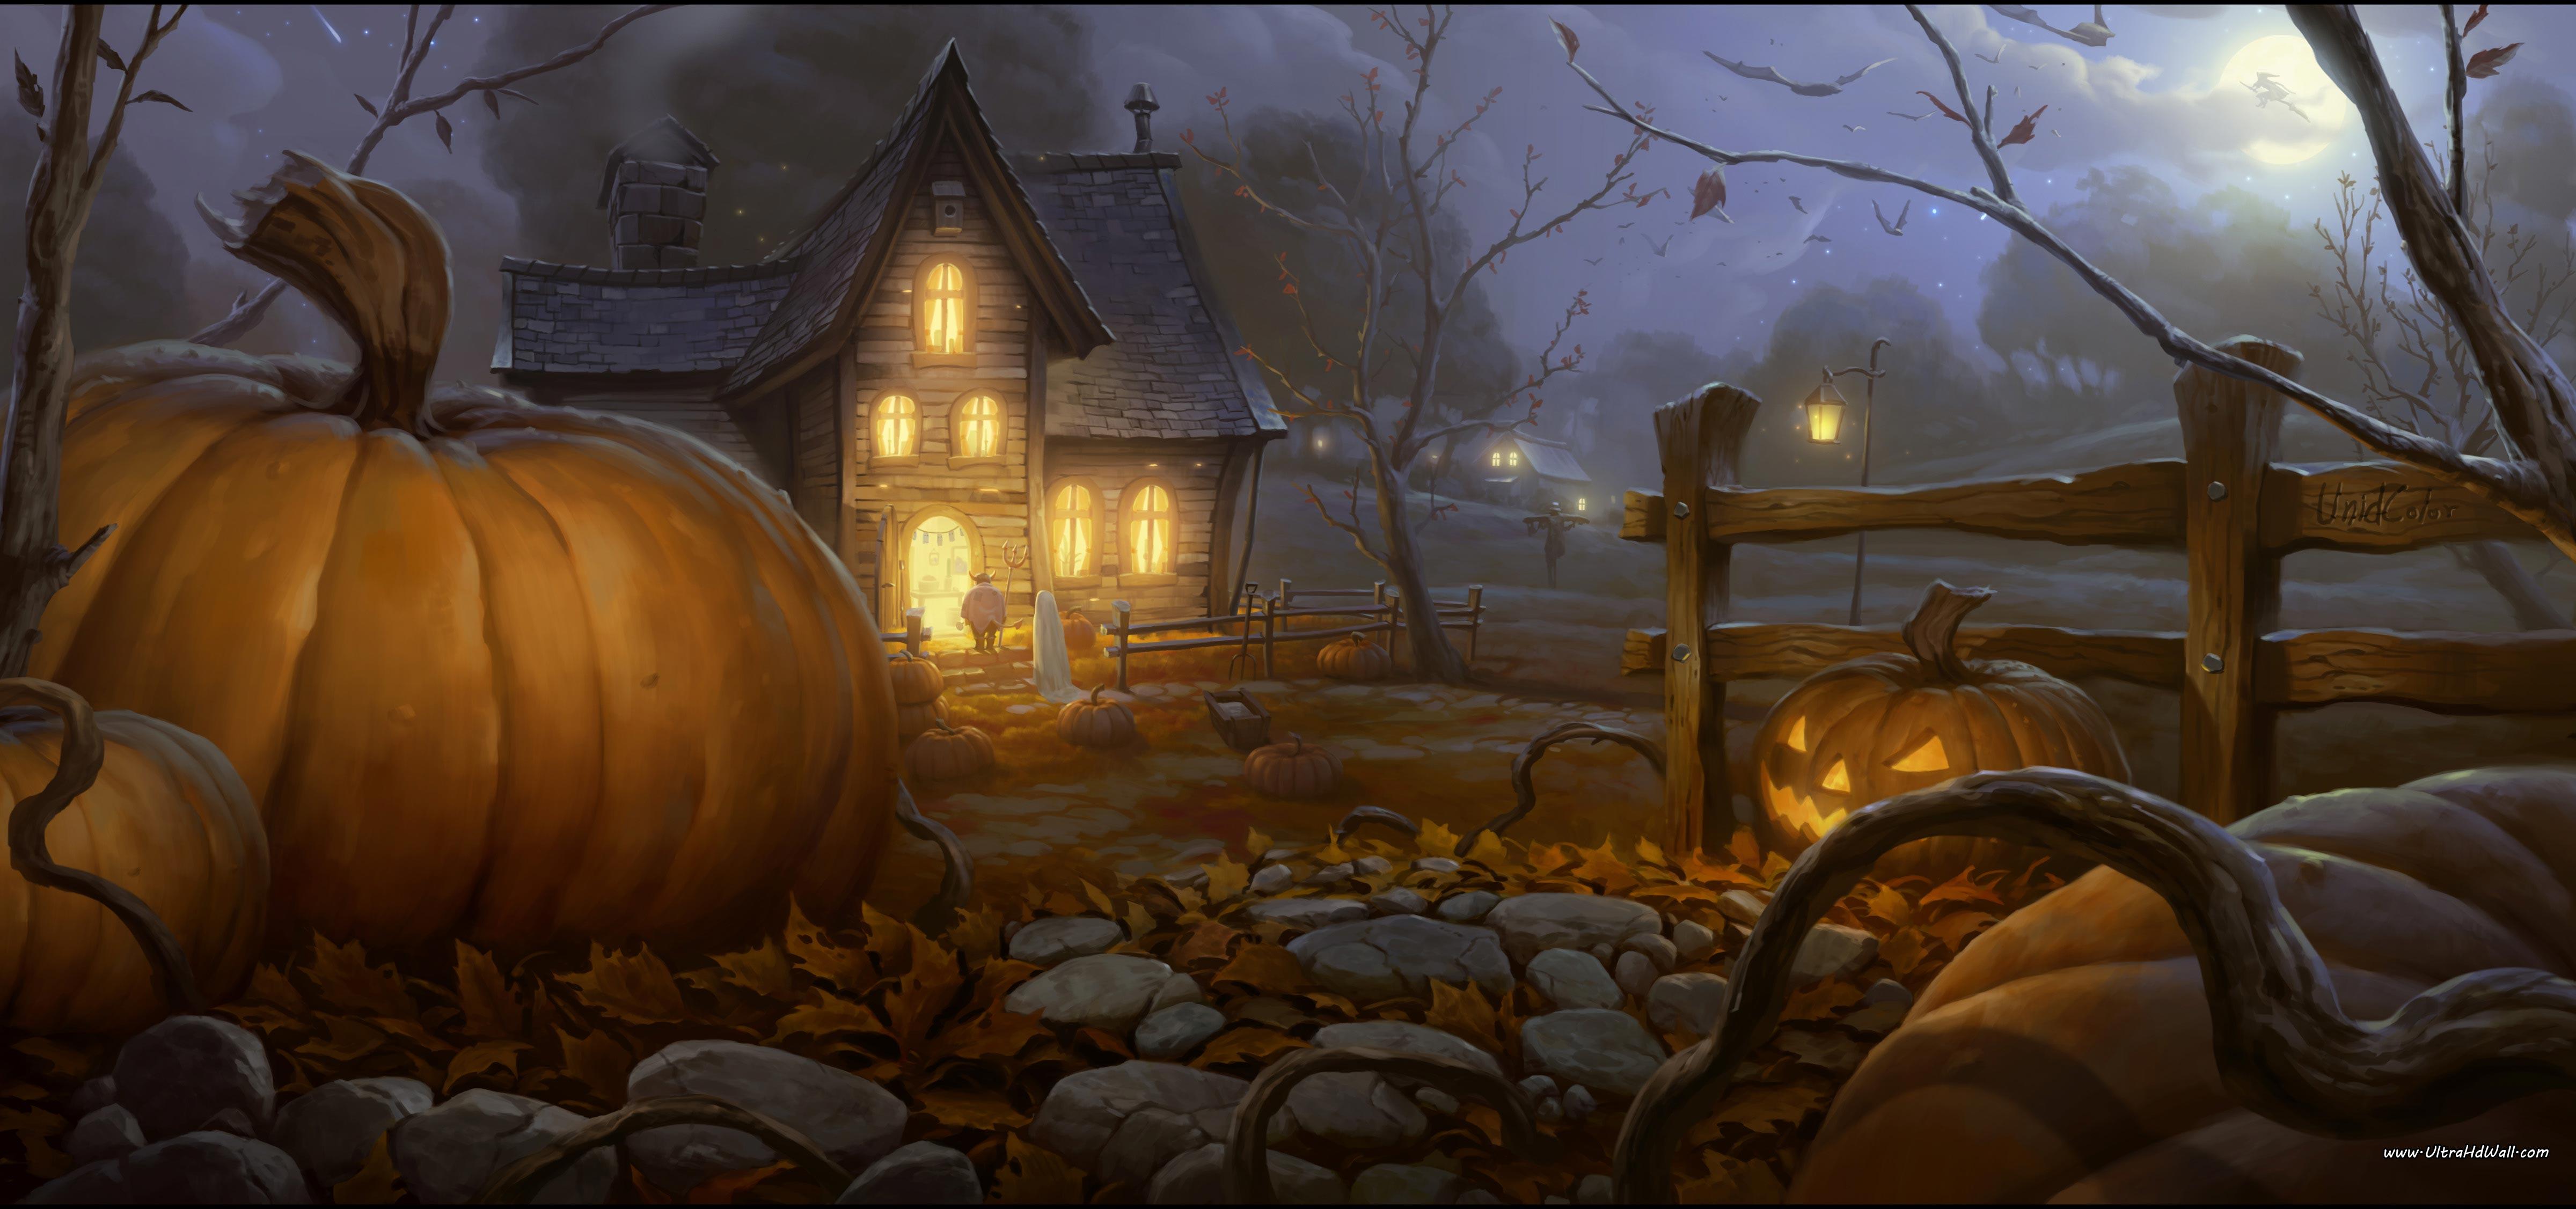 Halloween Desktop Wallpaper 4800x2253